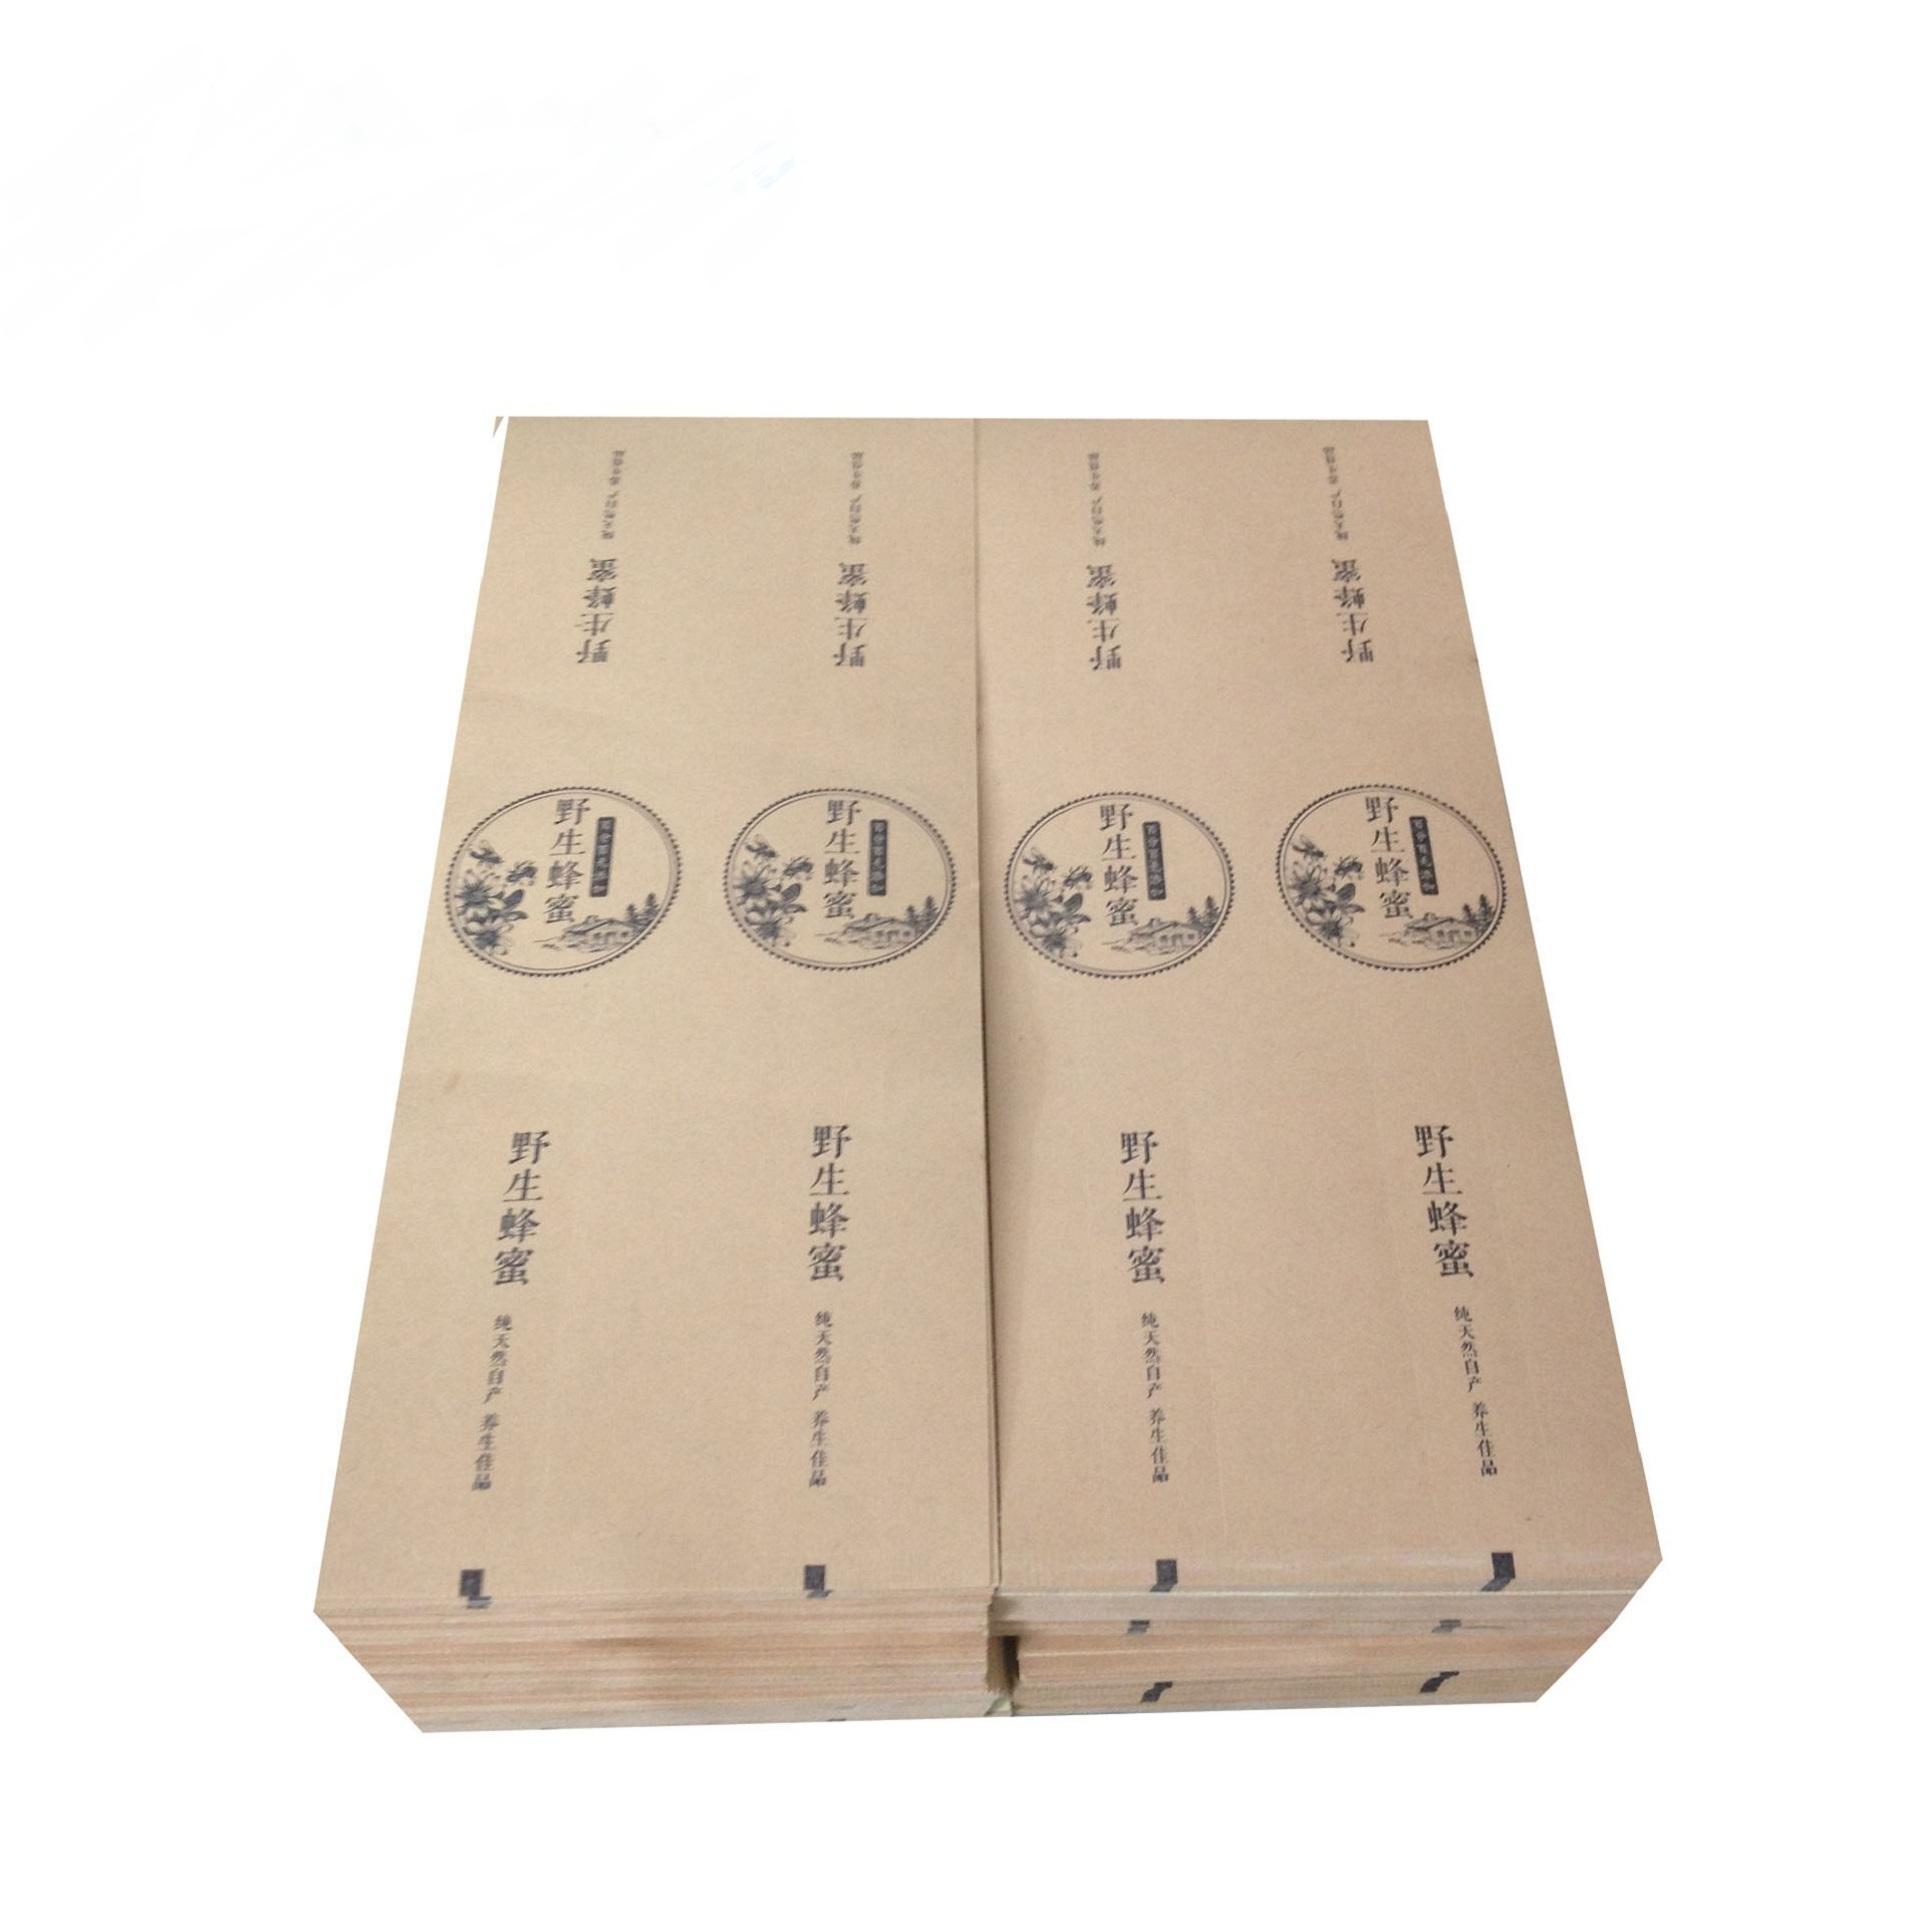 사용자 정의 로고 광택 방수 병 레이블 스티커 용지 강한 접착제 인쇄 건강 꿀 라벨